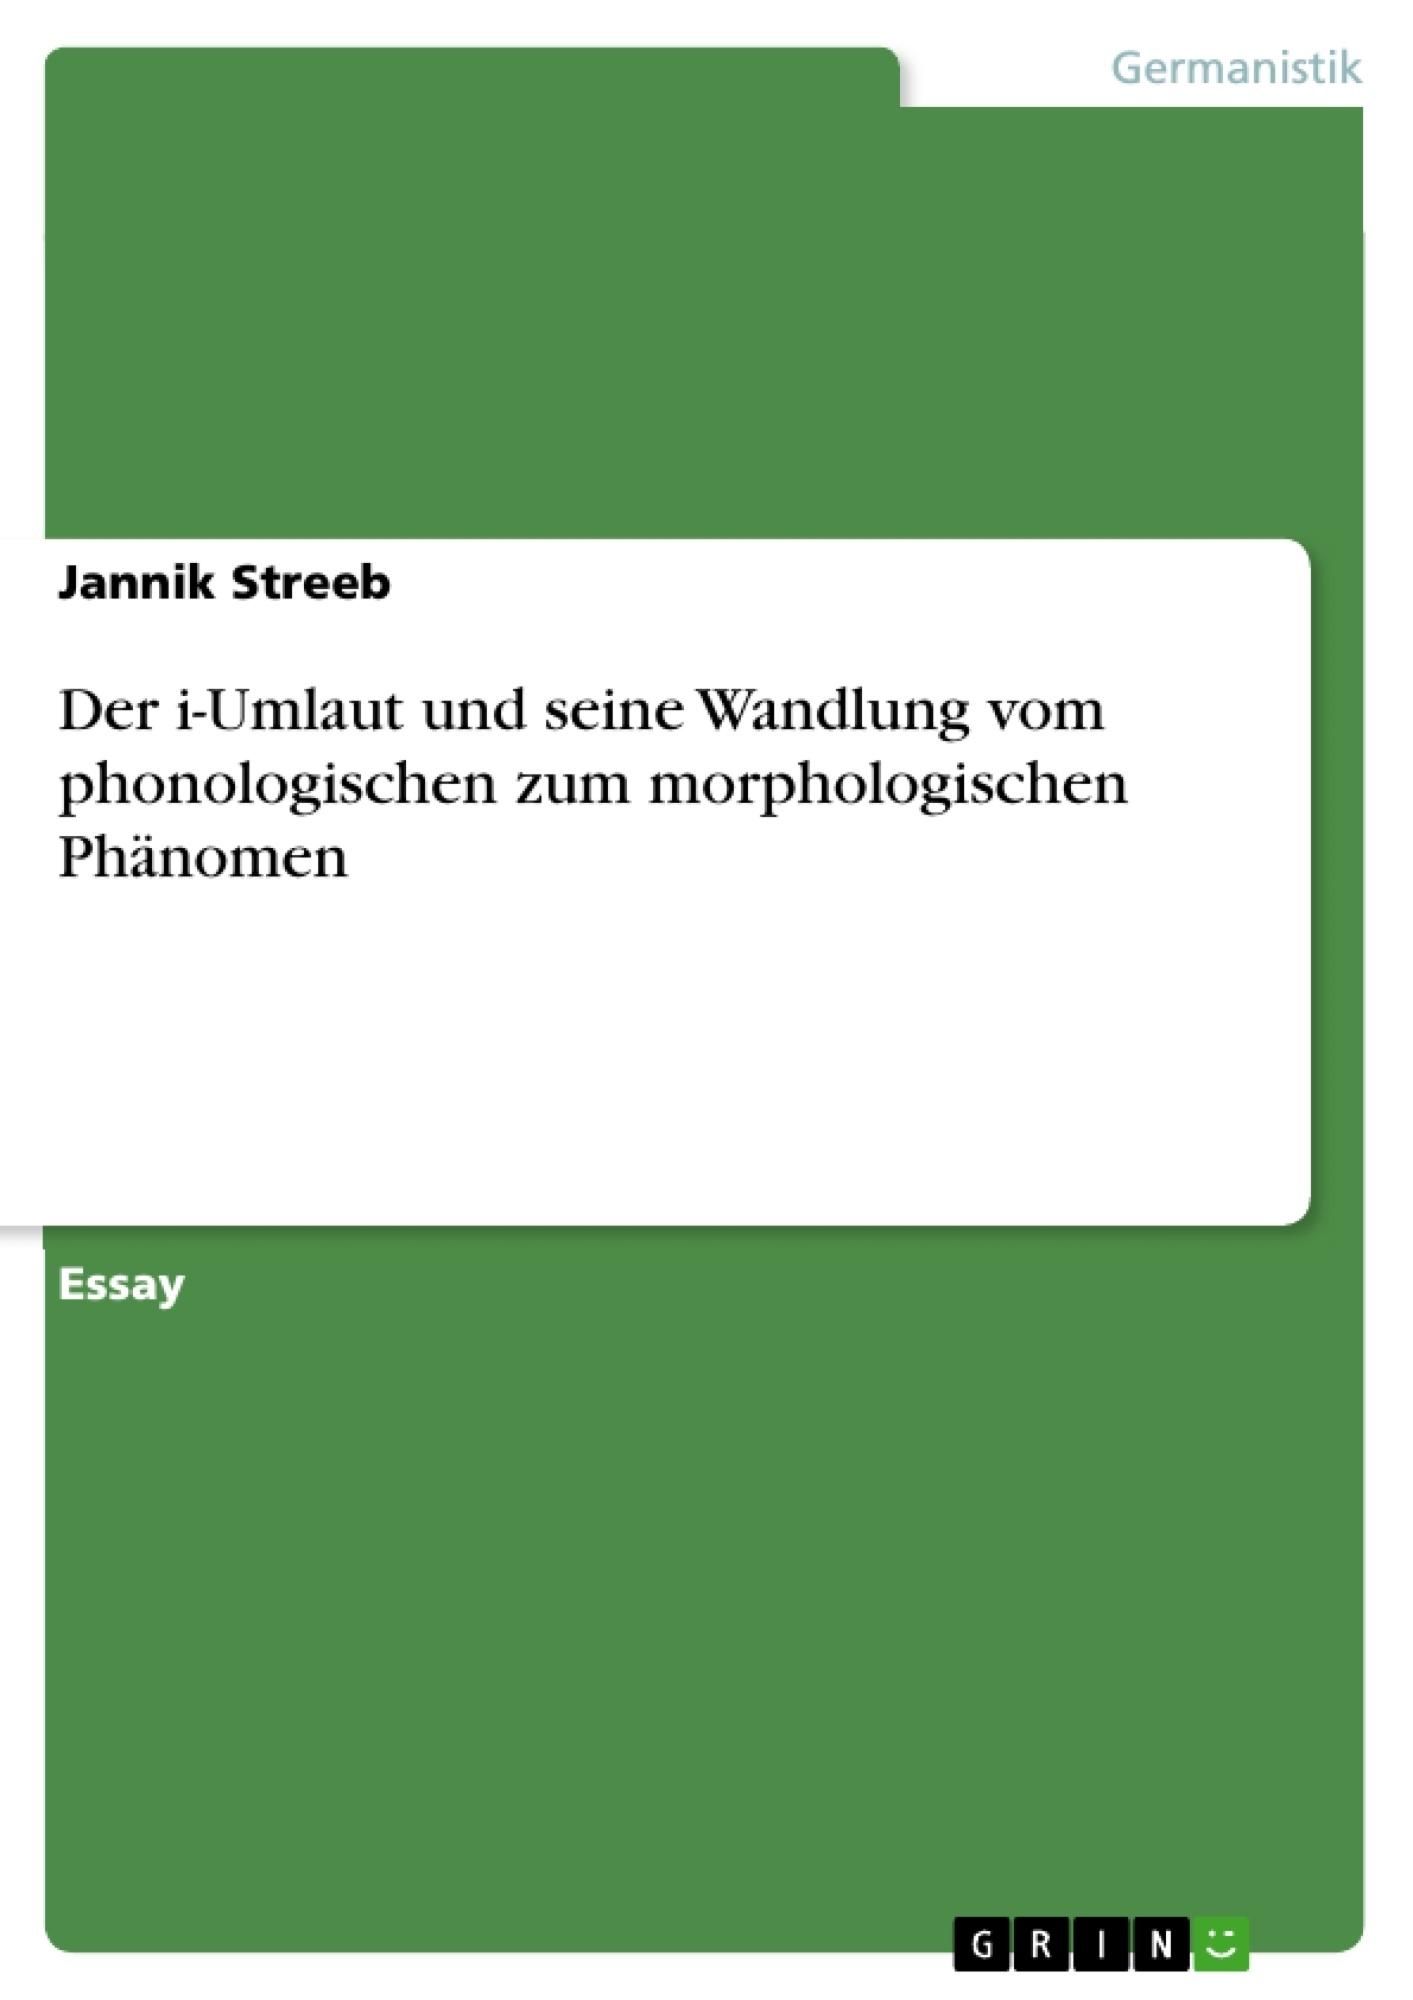 Titel: Der i-Umlaut und seine Wandlung vom phonologischen zum morphologischen Phänomen